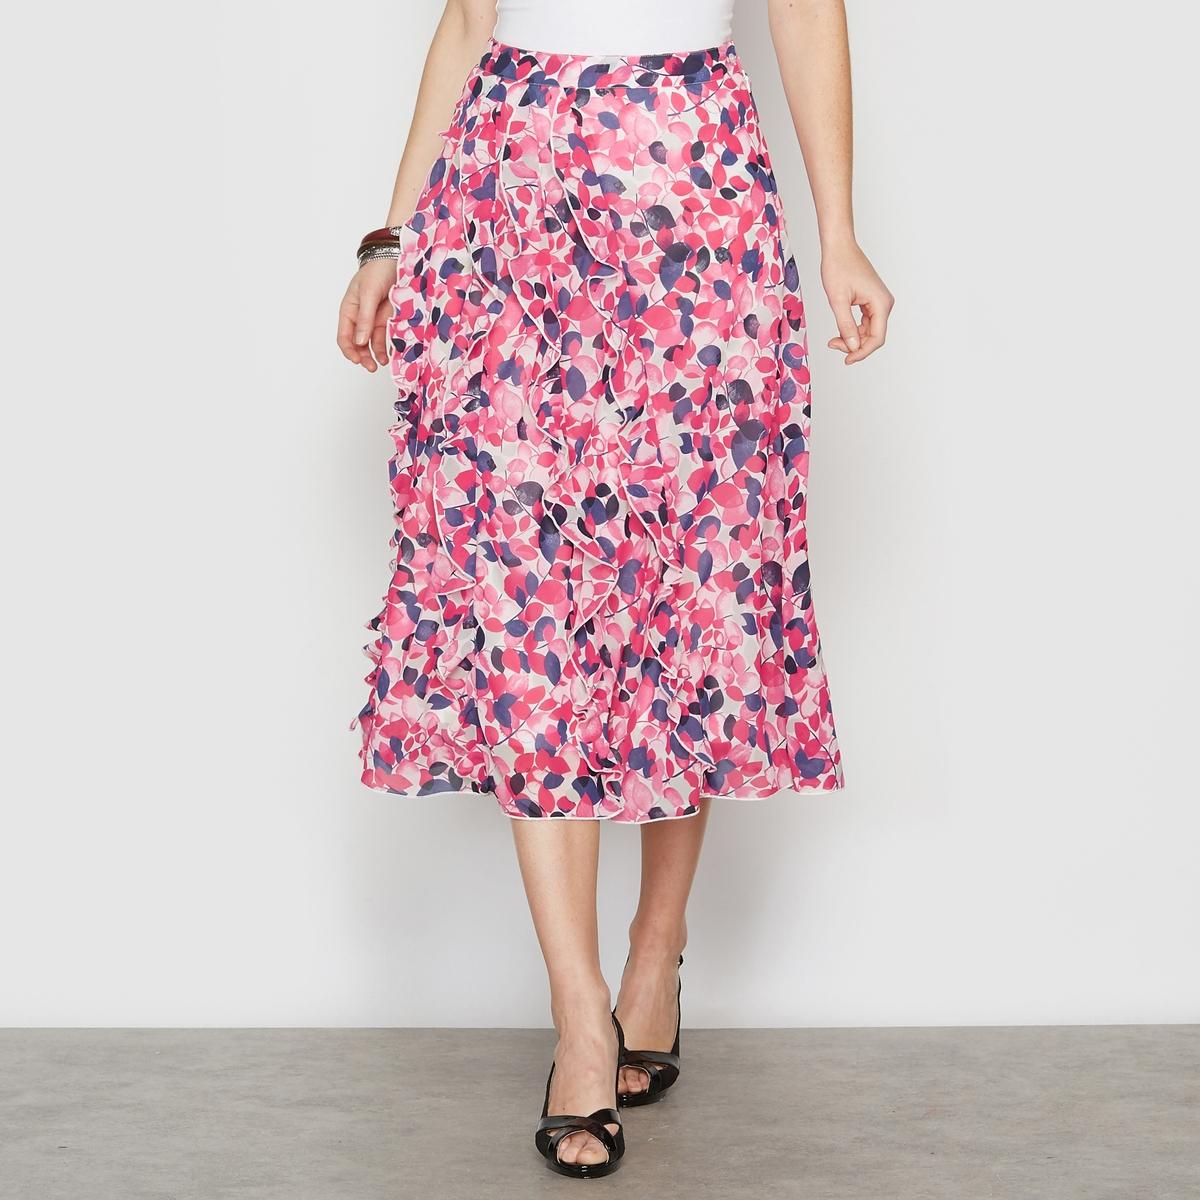 Юбка расклешенная, крепРасклешенная, очень женственная юбка. Отрезные детали в сочетании с воланами спереди. Пояс. Начиная с 44 размера, пояс на резинке. Застежка на скрытую молнию сбоку. На трикотажной подкладке из полиэстера. Длина. 75 см. Креп, 100% полиэстера.<br><br>Цвет: белый<br>Размер: 48 (FR) - 54 (RUS).42 (FR) - 48 (RUS).46 (FR) - 52 (RUS)